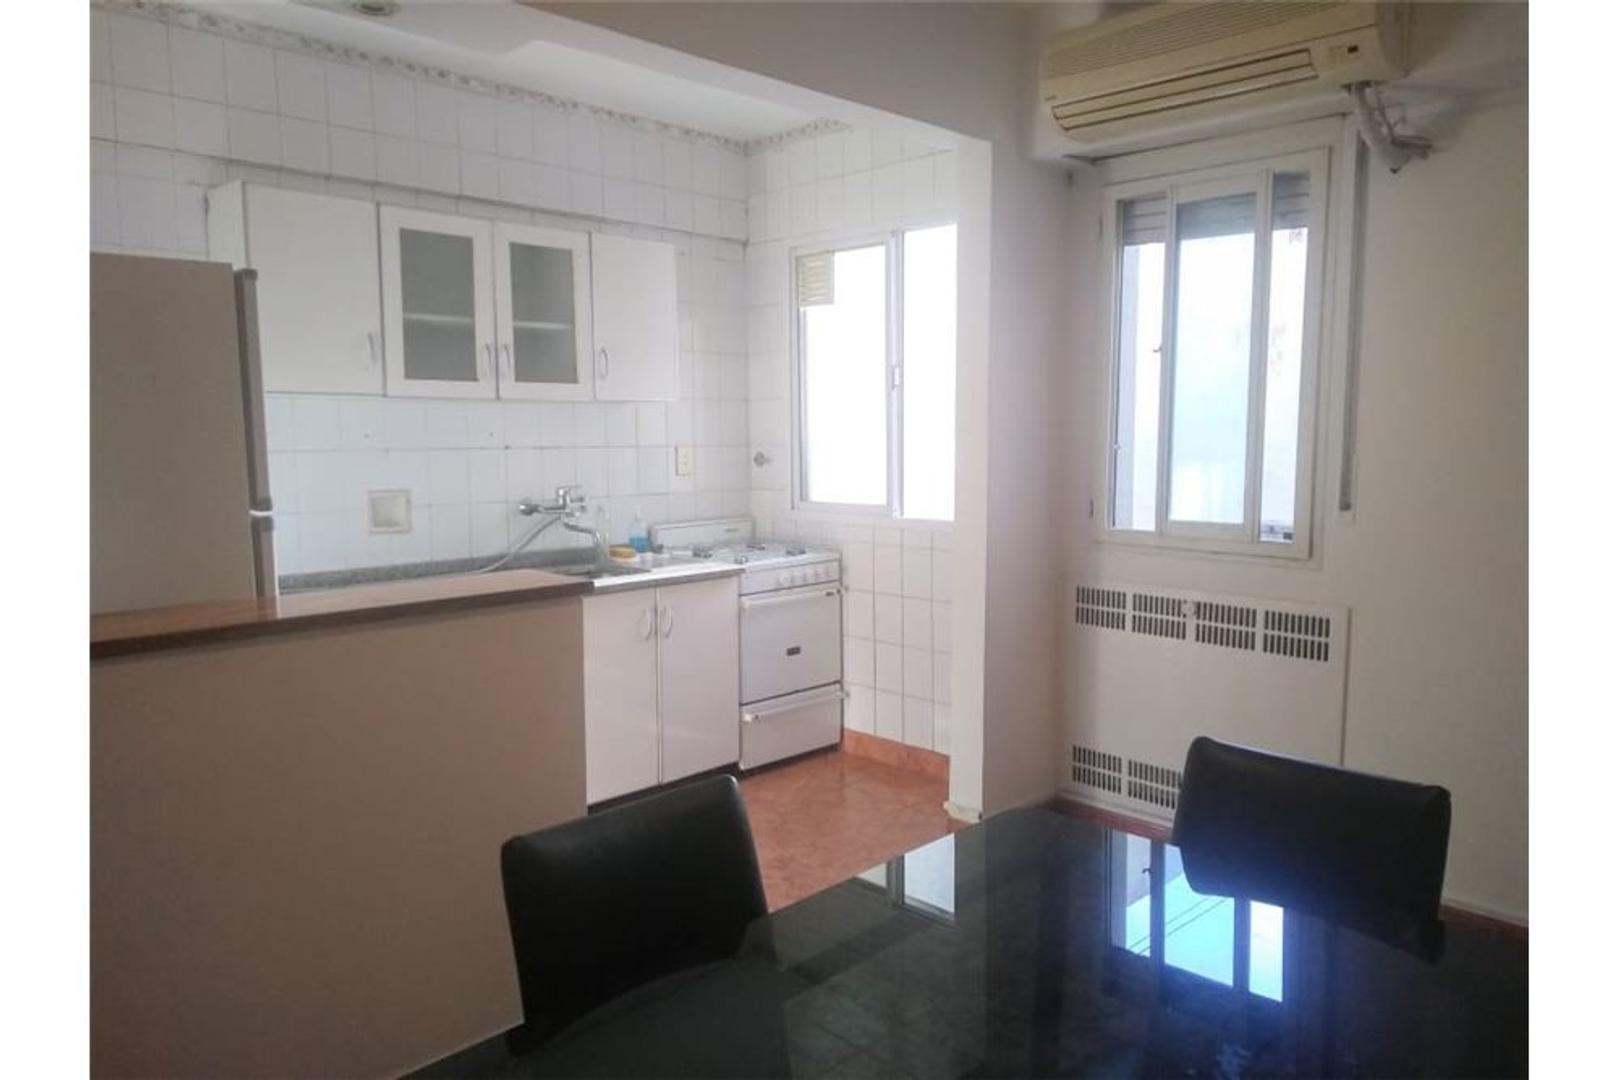 Departamento - 50 m² | 1 dormitorio | 40 años